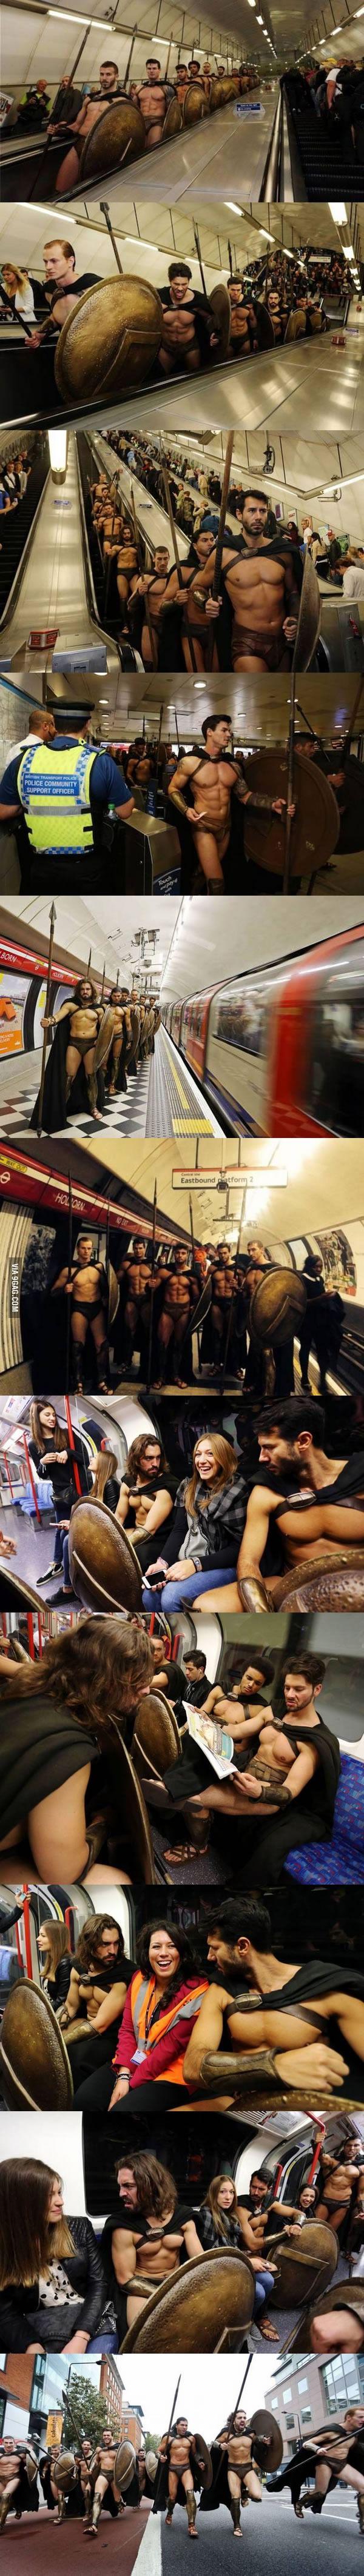 300 Spartan Cosplayers Invade London Underground